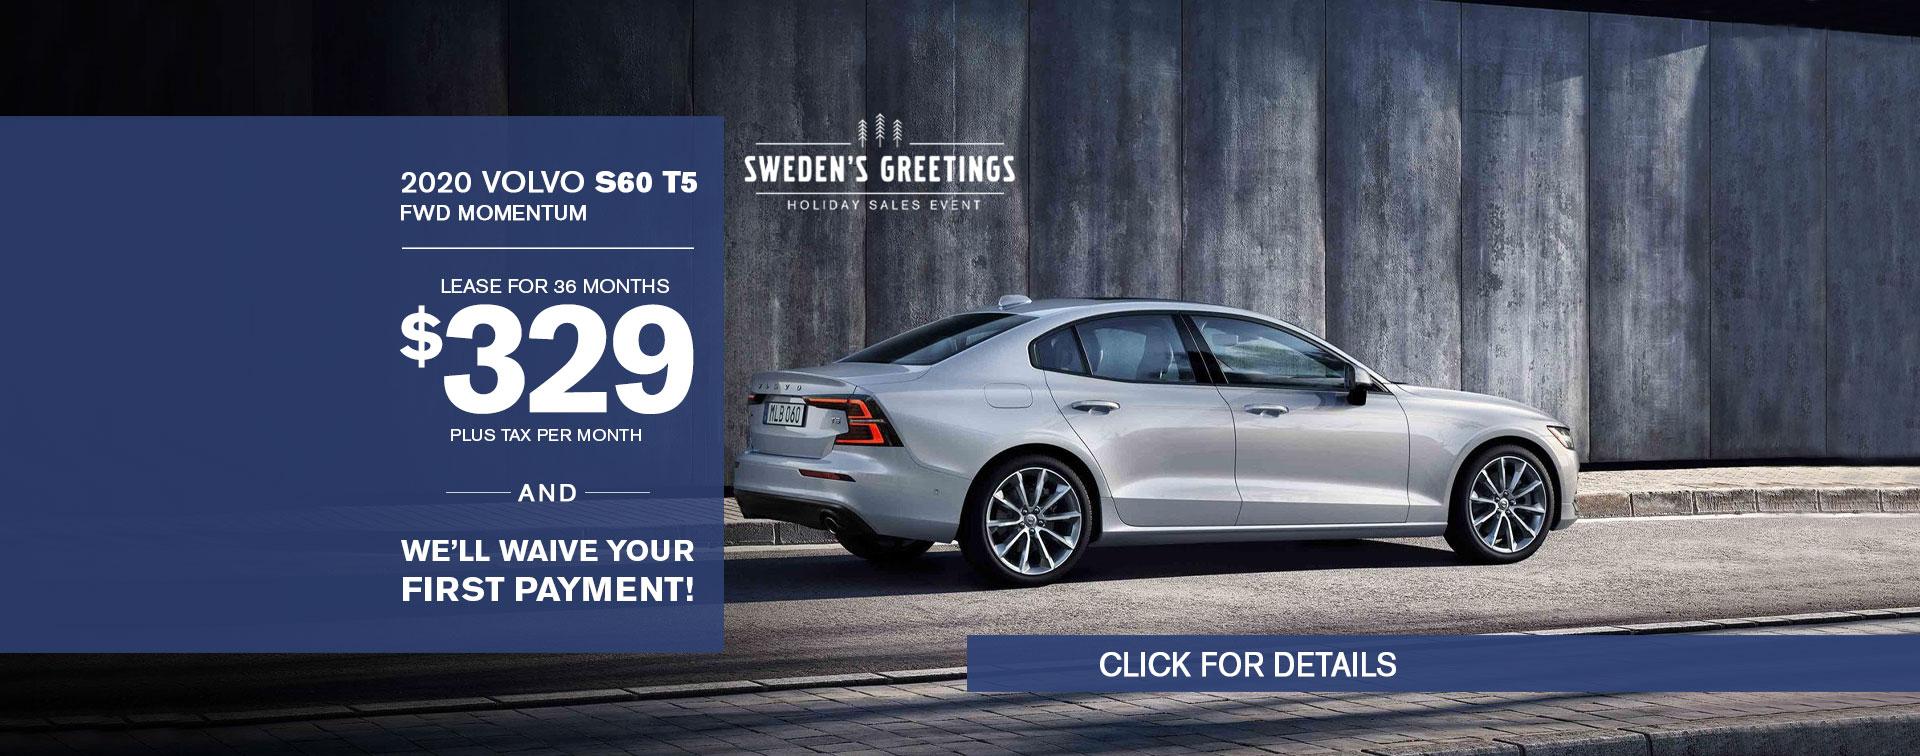 Volvo Dealership Los Angeles >> Galpin Volvo Dealership In Van Nuys Sales Lease Service